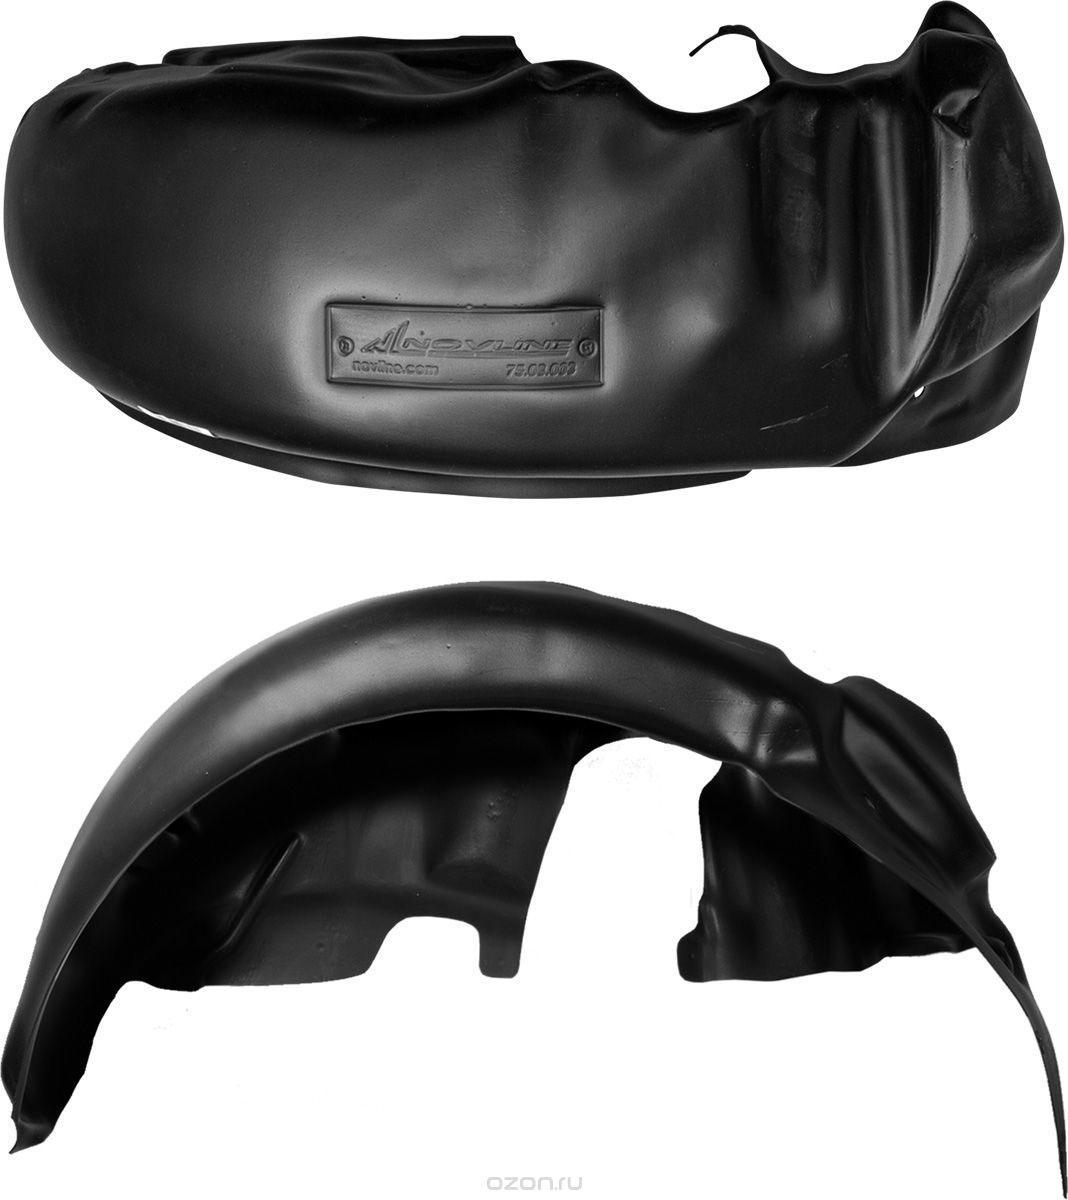 Подкрылок Novline-Autofamily, для TAGAZ VORTEX Tingo, 2011-2014, задний левыйSVC-300Идеальная защита колесной ниши. Локеры разработаны с применением цифровых технологий, гарантируют максимальную повторяемость поверхности арки. Изделия устанавливаются без нарушения лакокрасочного покрытия автомобиля, каждый подкрылок комплектуется крепежом. Уважаемые клиенты, обращаем ваше внимание, что фотографии на подкрылки универсальные и не отражают реальную форму изделия. При этом само изделие идет точно под размер указанного автомобиля.